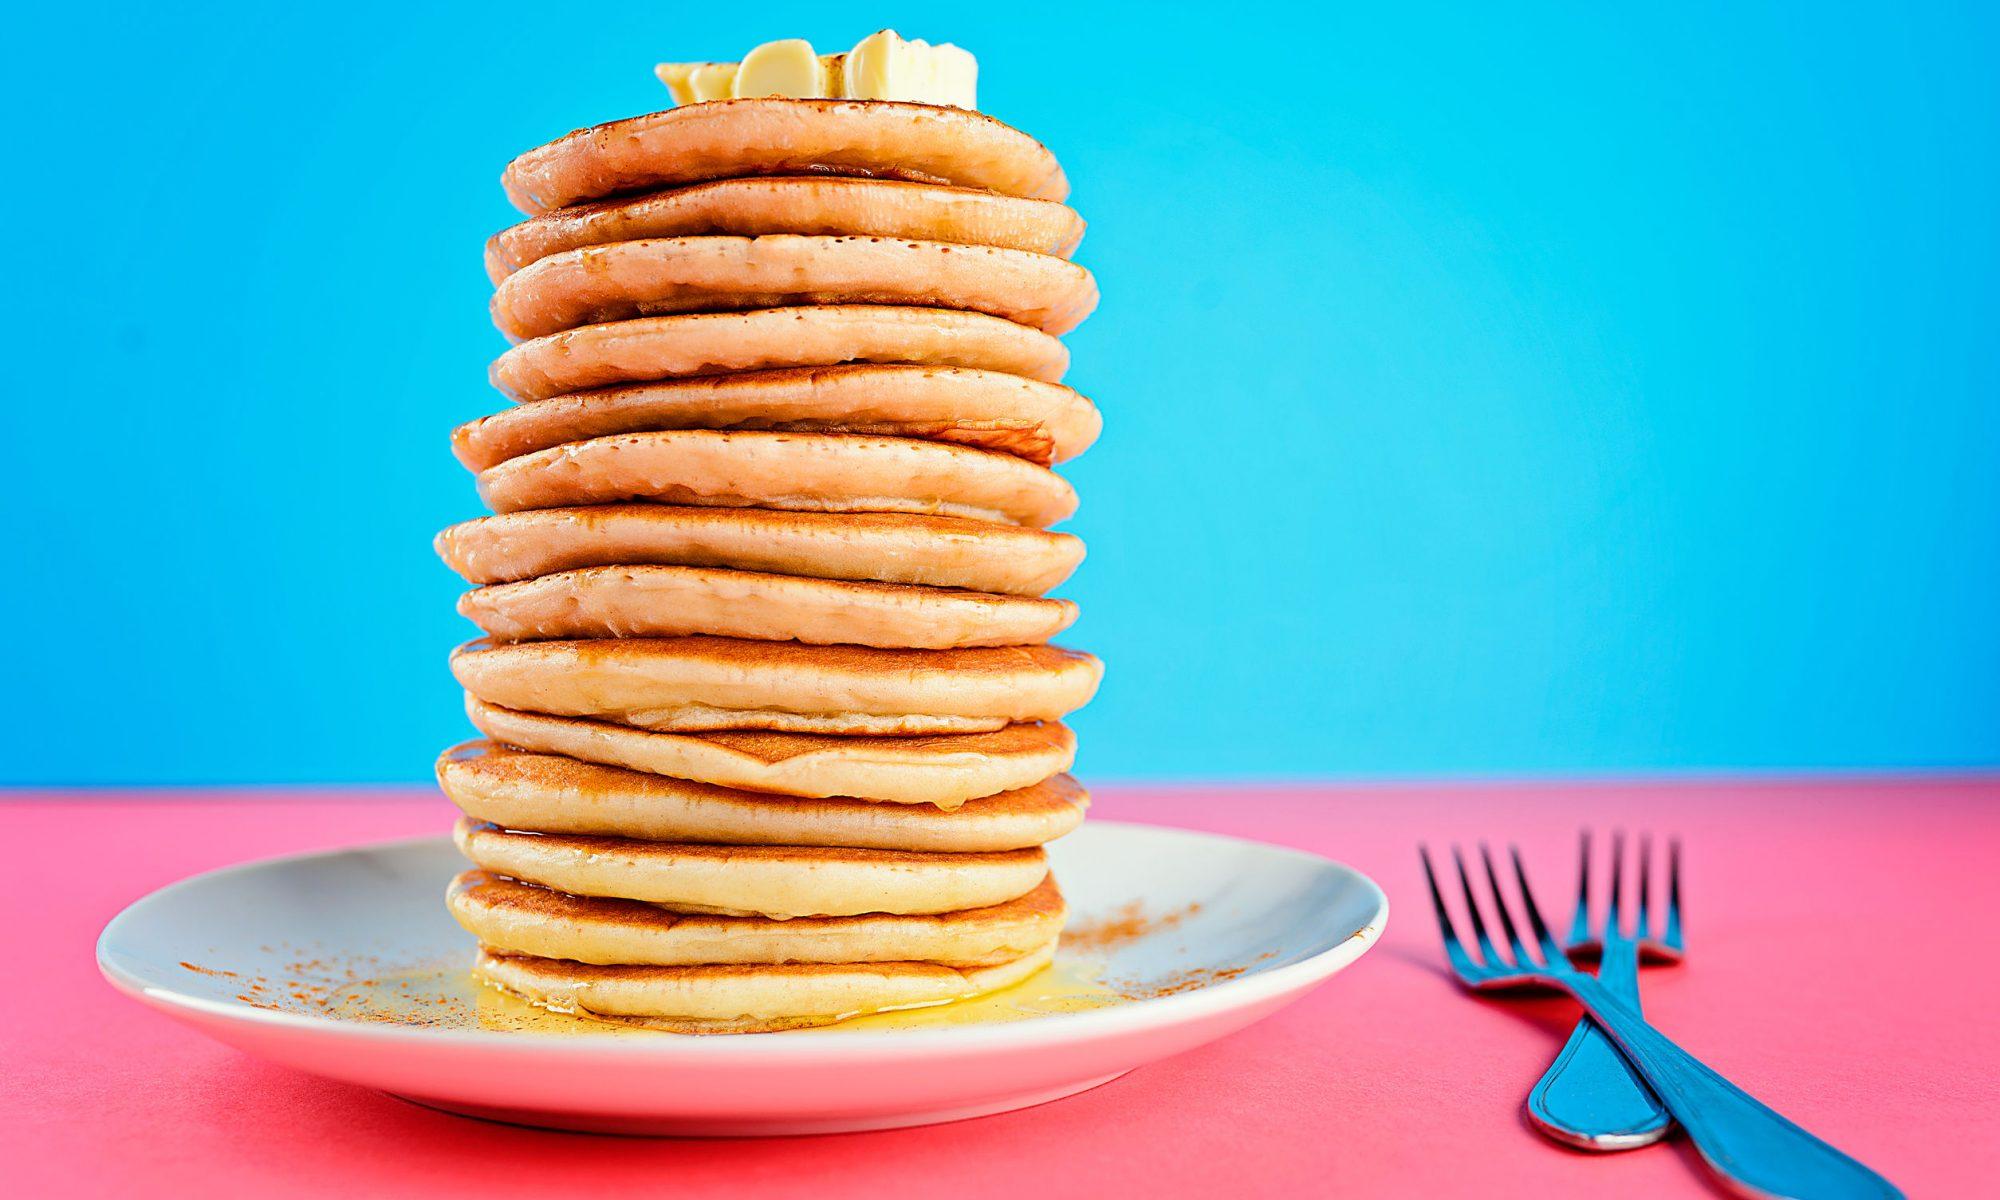 Панкейки: рецепт американских блинчиков